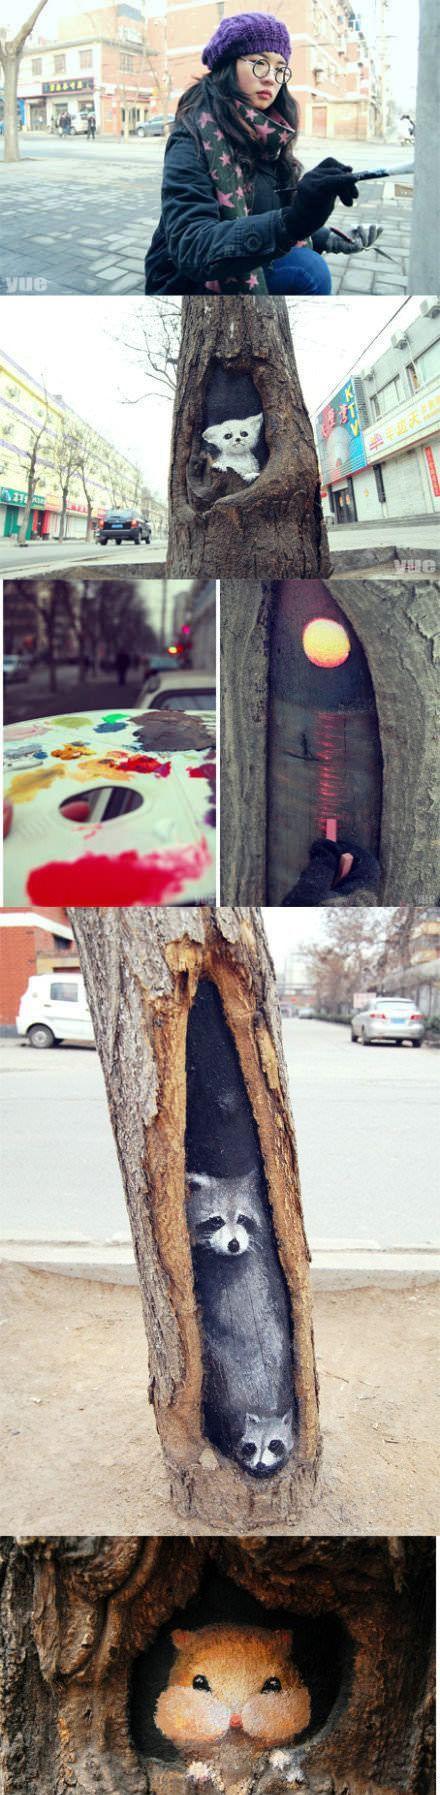 Фотоподборка дерево, красивый рисунок, крутая, рисует, художница